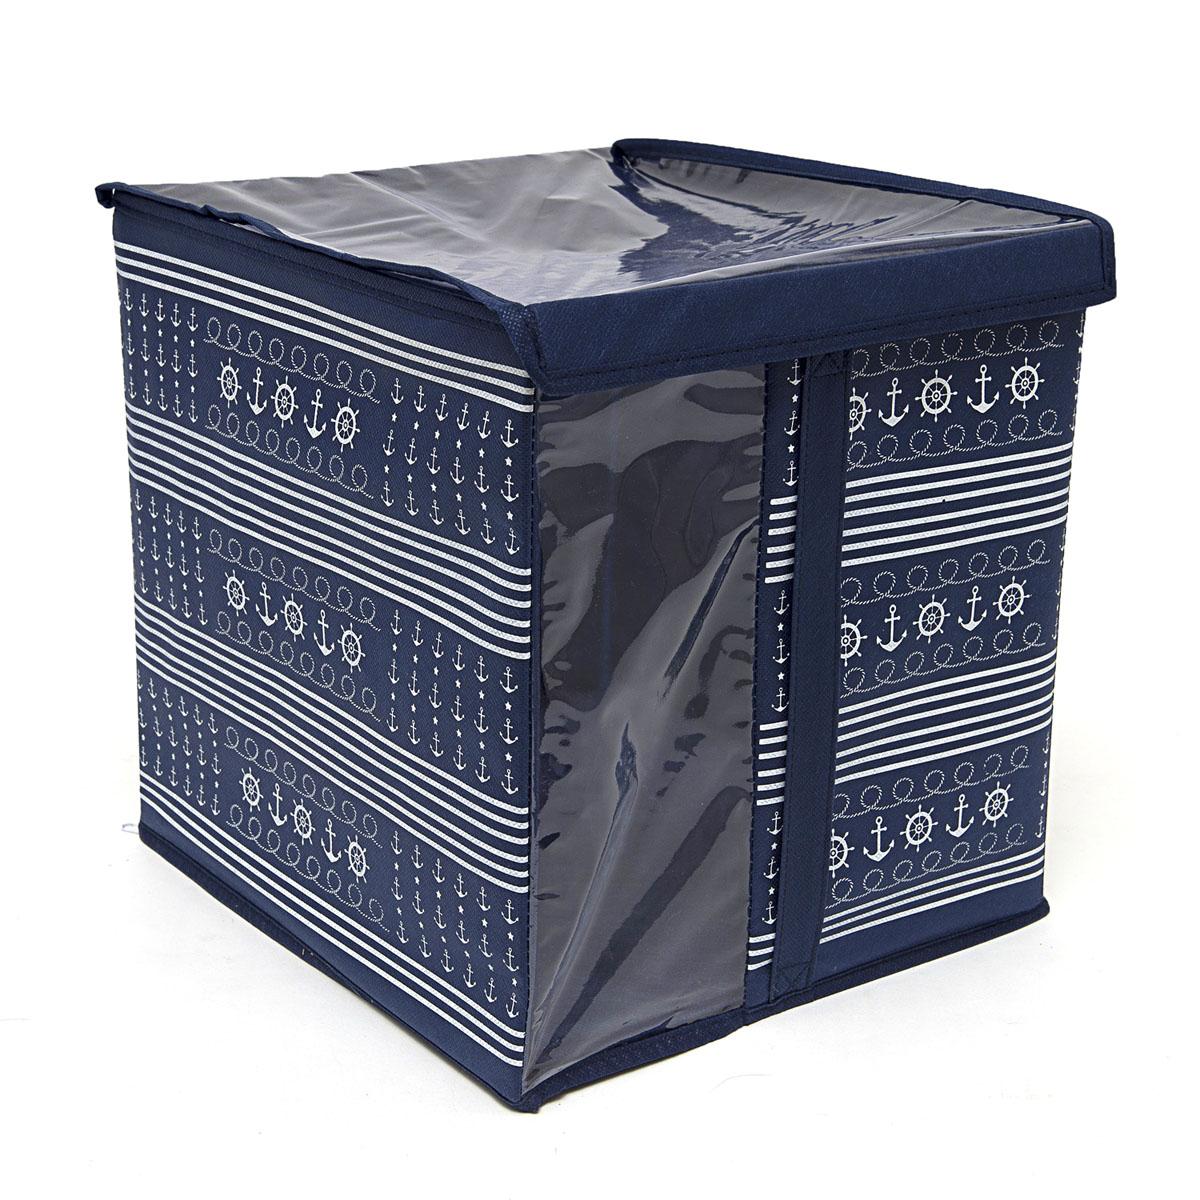 Кофр для хранения Homsu Ocean, с крышкой, 30 х 30 х 32 смHOM-226Кофр для хранения Homsu Ocean изготовлен из высококачественного нетканого полотна и ПВХ. Кофр имеет одно большое отделение, где вы можете хранить различные бытовые вещи, нижнее белье, одежду и многое другое. Вставки из картона обеспечивают прочность конструкции. Стильный принт, модный цвет и качество исполнения сделают такой кофр незаменимым для хранения ваших вещей.